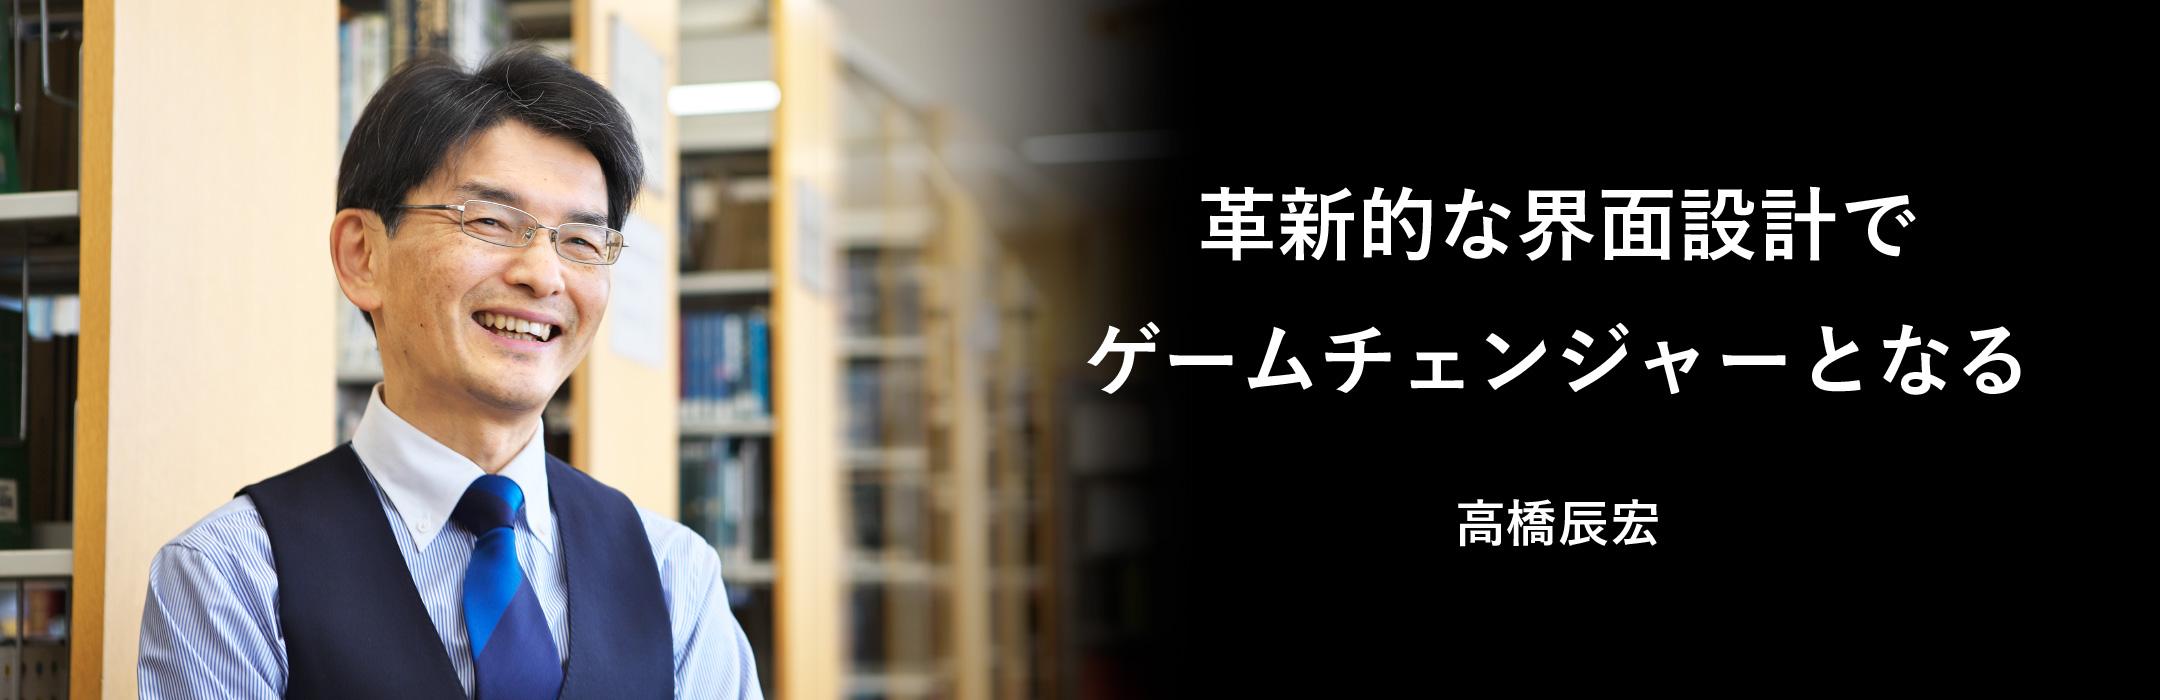 革新的な界面設計でゲームチェンジャーとなる 高橋辰宏